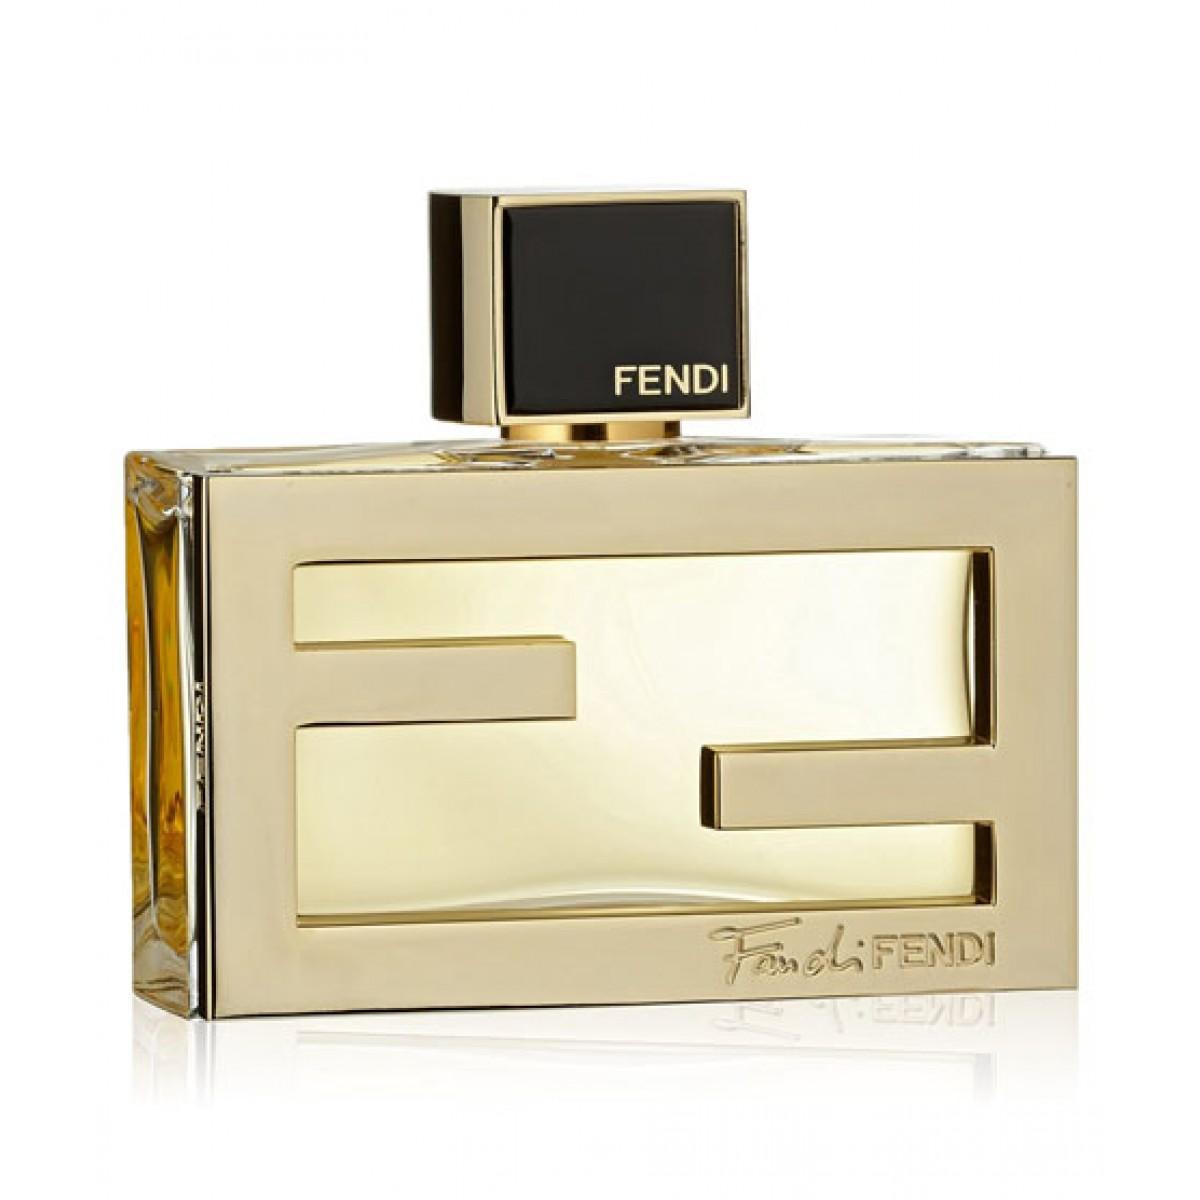 Fendi Fan Di Eau De Parfum For Women Price In Pakistan Buy Fendi